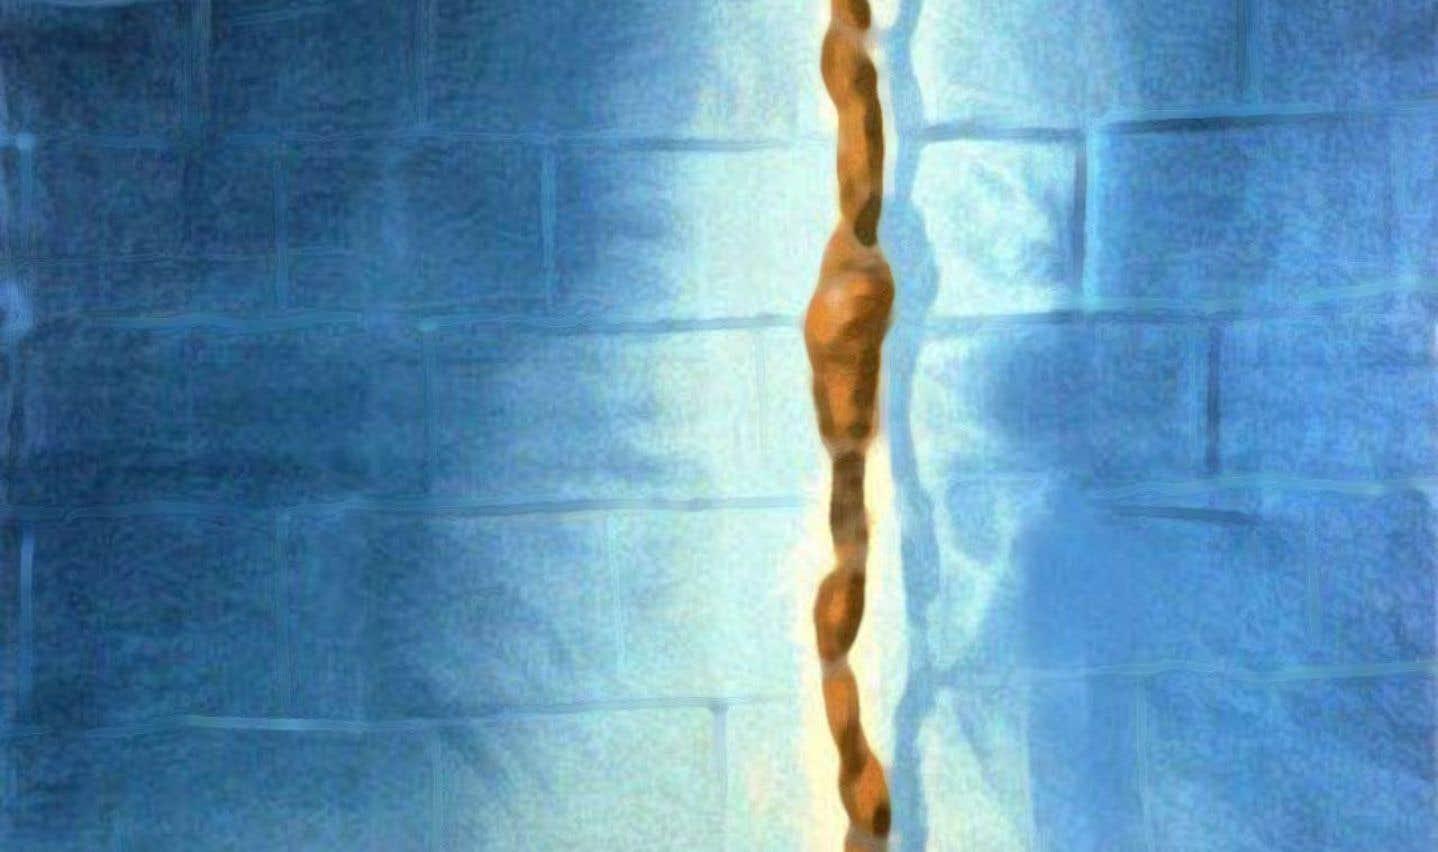 «Un condamné à mort s'est échappé», de Robert Bresson